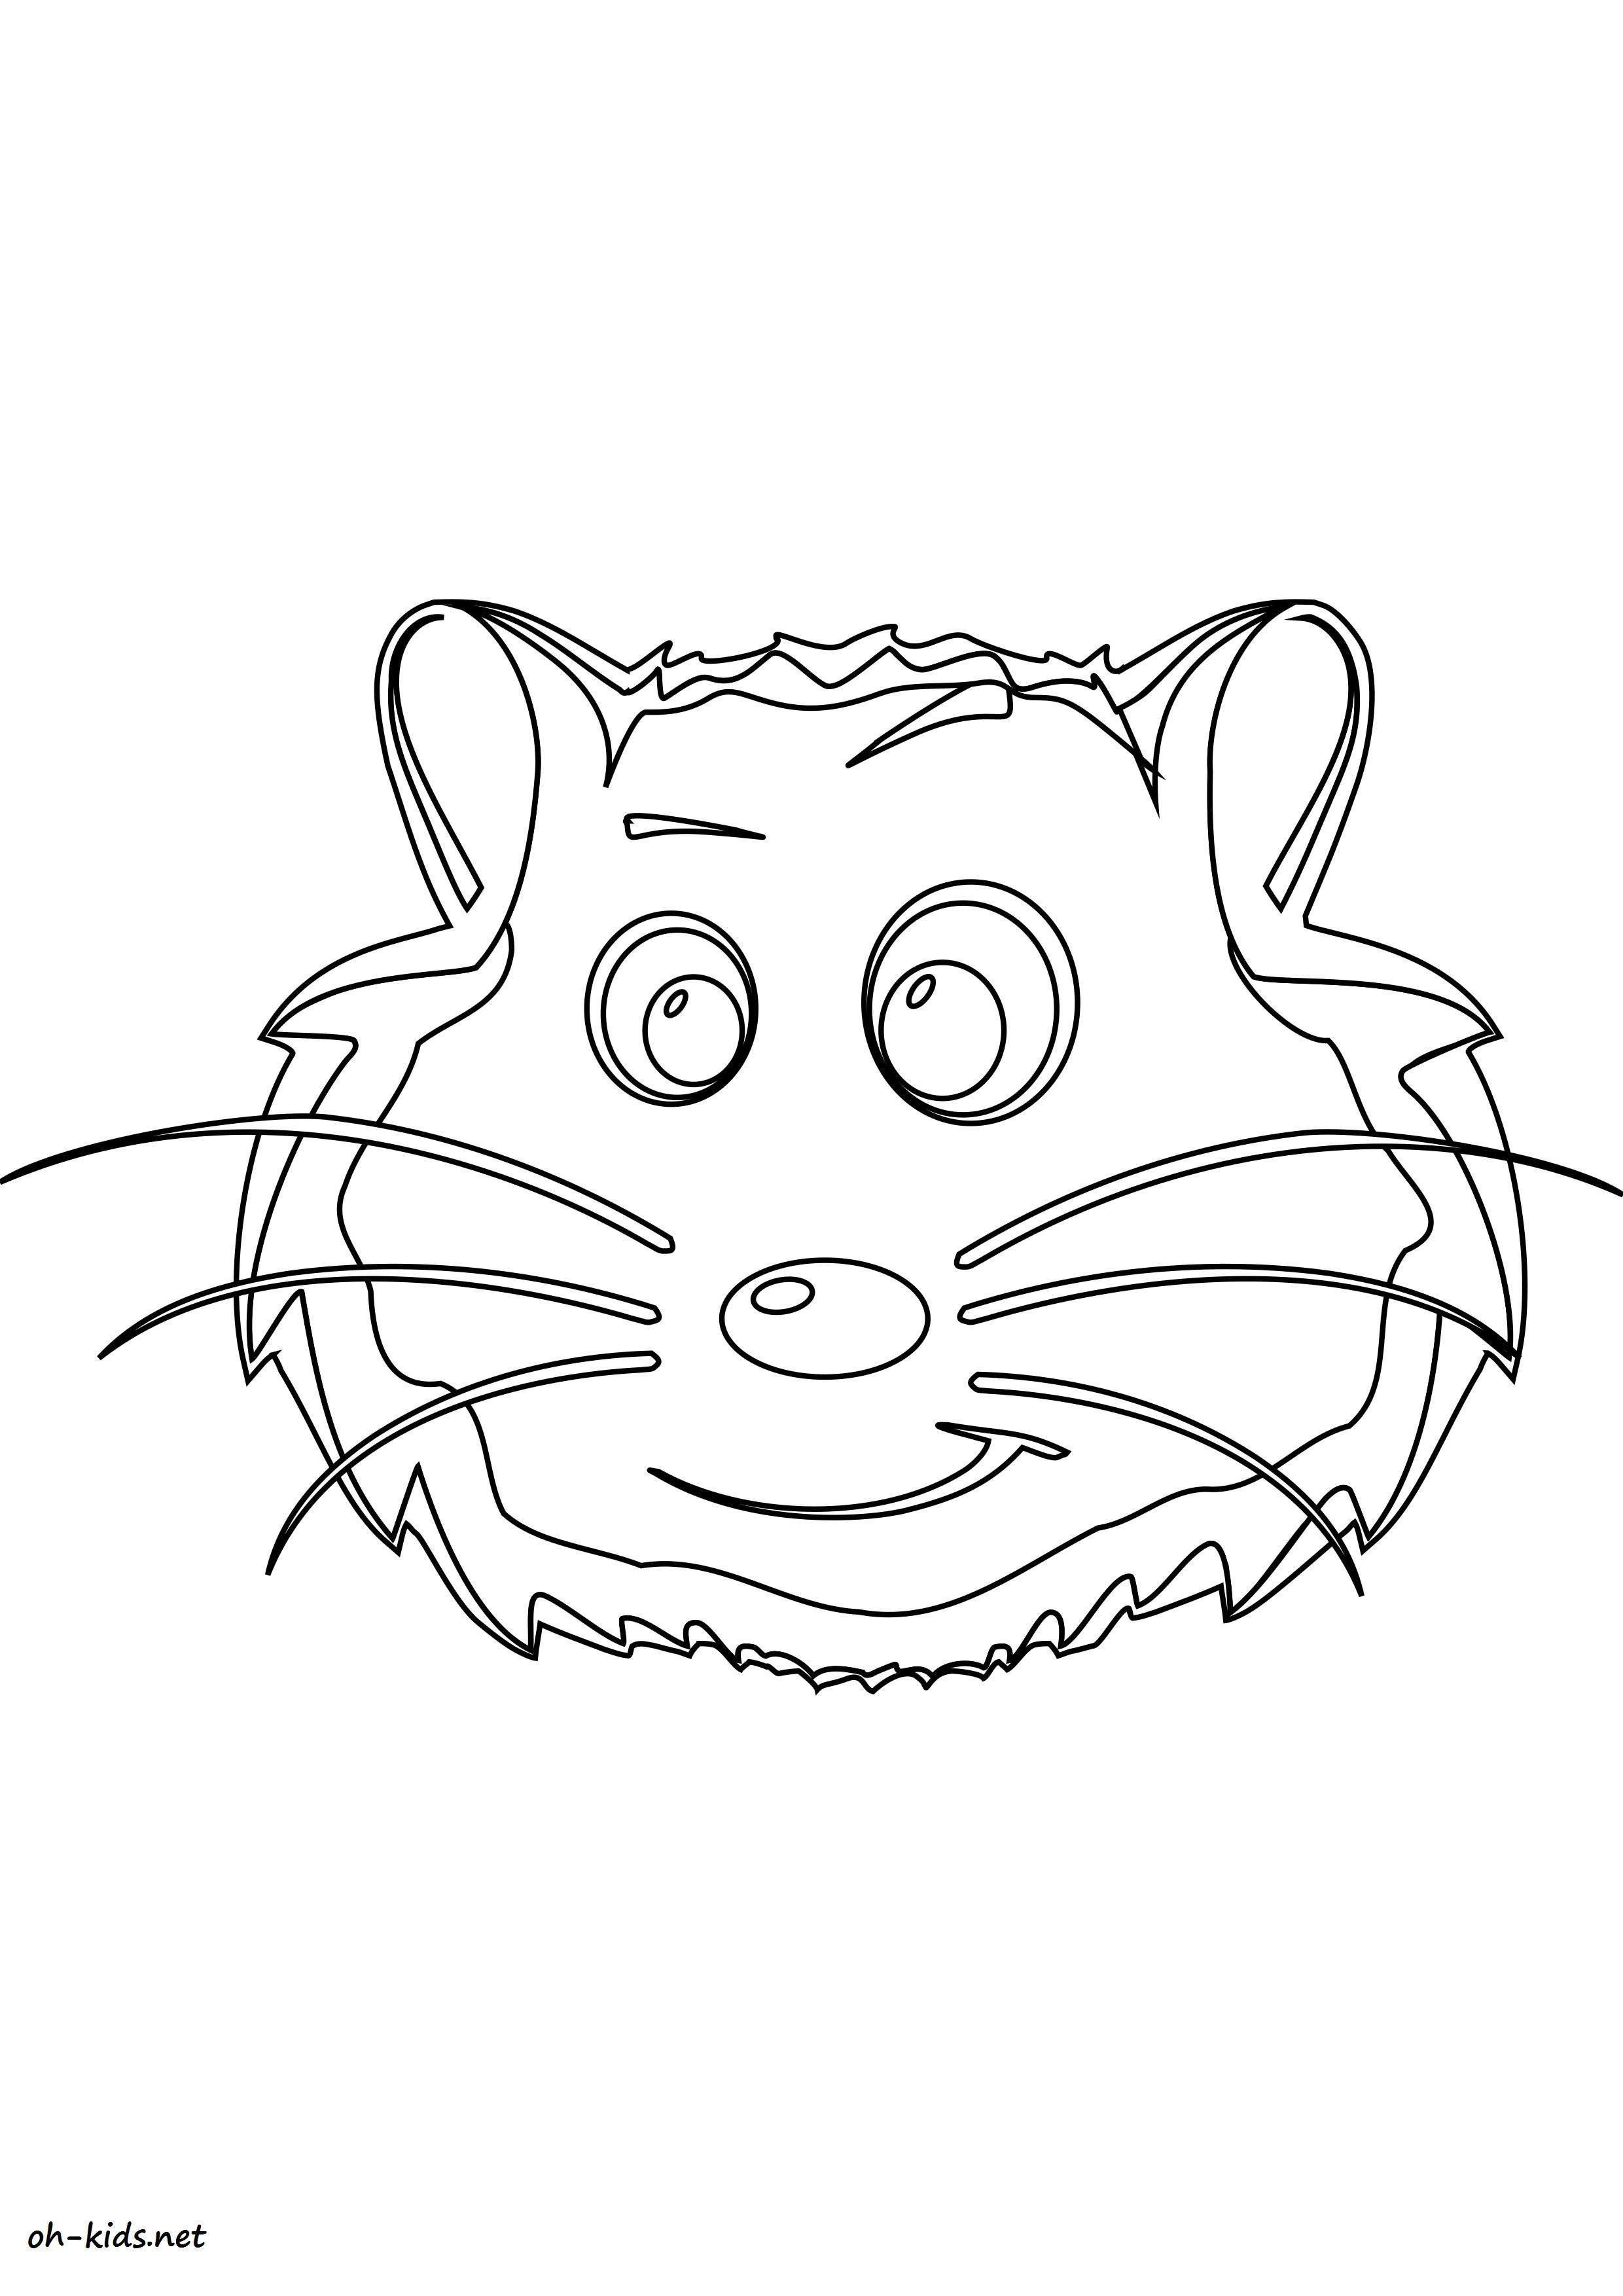 Coloriage hamster gratuit a imprimer et colorier - Dessin #1601